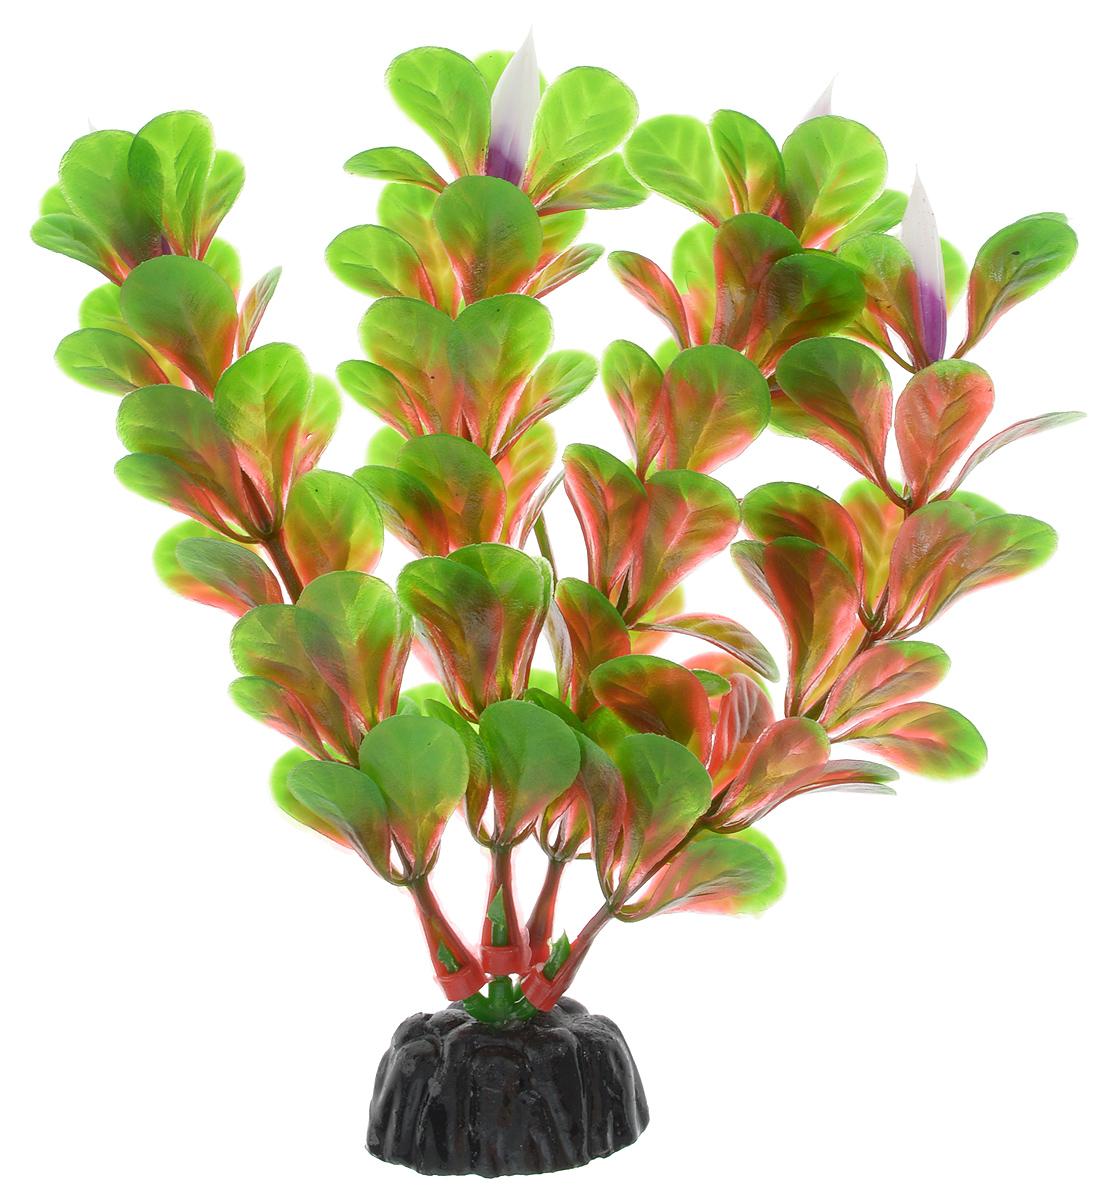 Растение для аквариума Barbus Людвигия ползучая (красная), пластиковое, высота 10 смPlant 022/10Растение для аквариума Barbus Людвигия ползучая (красная), выполненное из качественного пластика, станет оригинальным украшением вашего аквариума. Пластиковое растение идеально подходит для дизайна всех видов аквариумов. Оно абсолютно безопасно, не токсично, нейтрально к водному балансу, устойчиво к истиранию краски, подходит как для пресноводного, так и для морского аквариума. Растение для аквариума Barbus поможет вам смоделировать потрясающий пейзаж на дне вашего аквариума или террариума. Высота растения: 10 см.